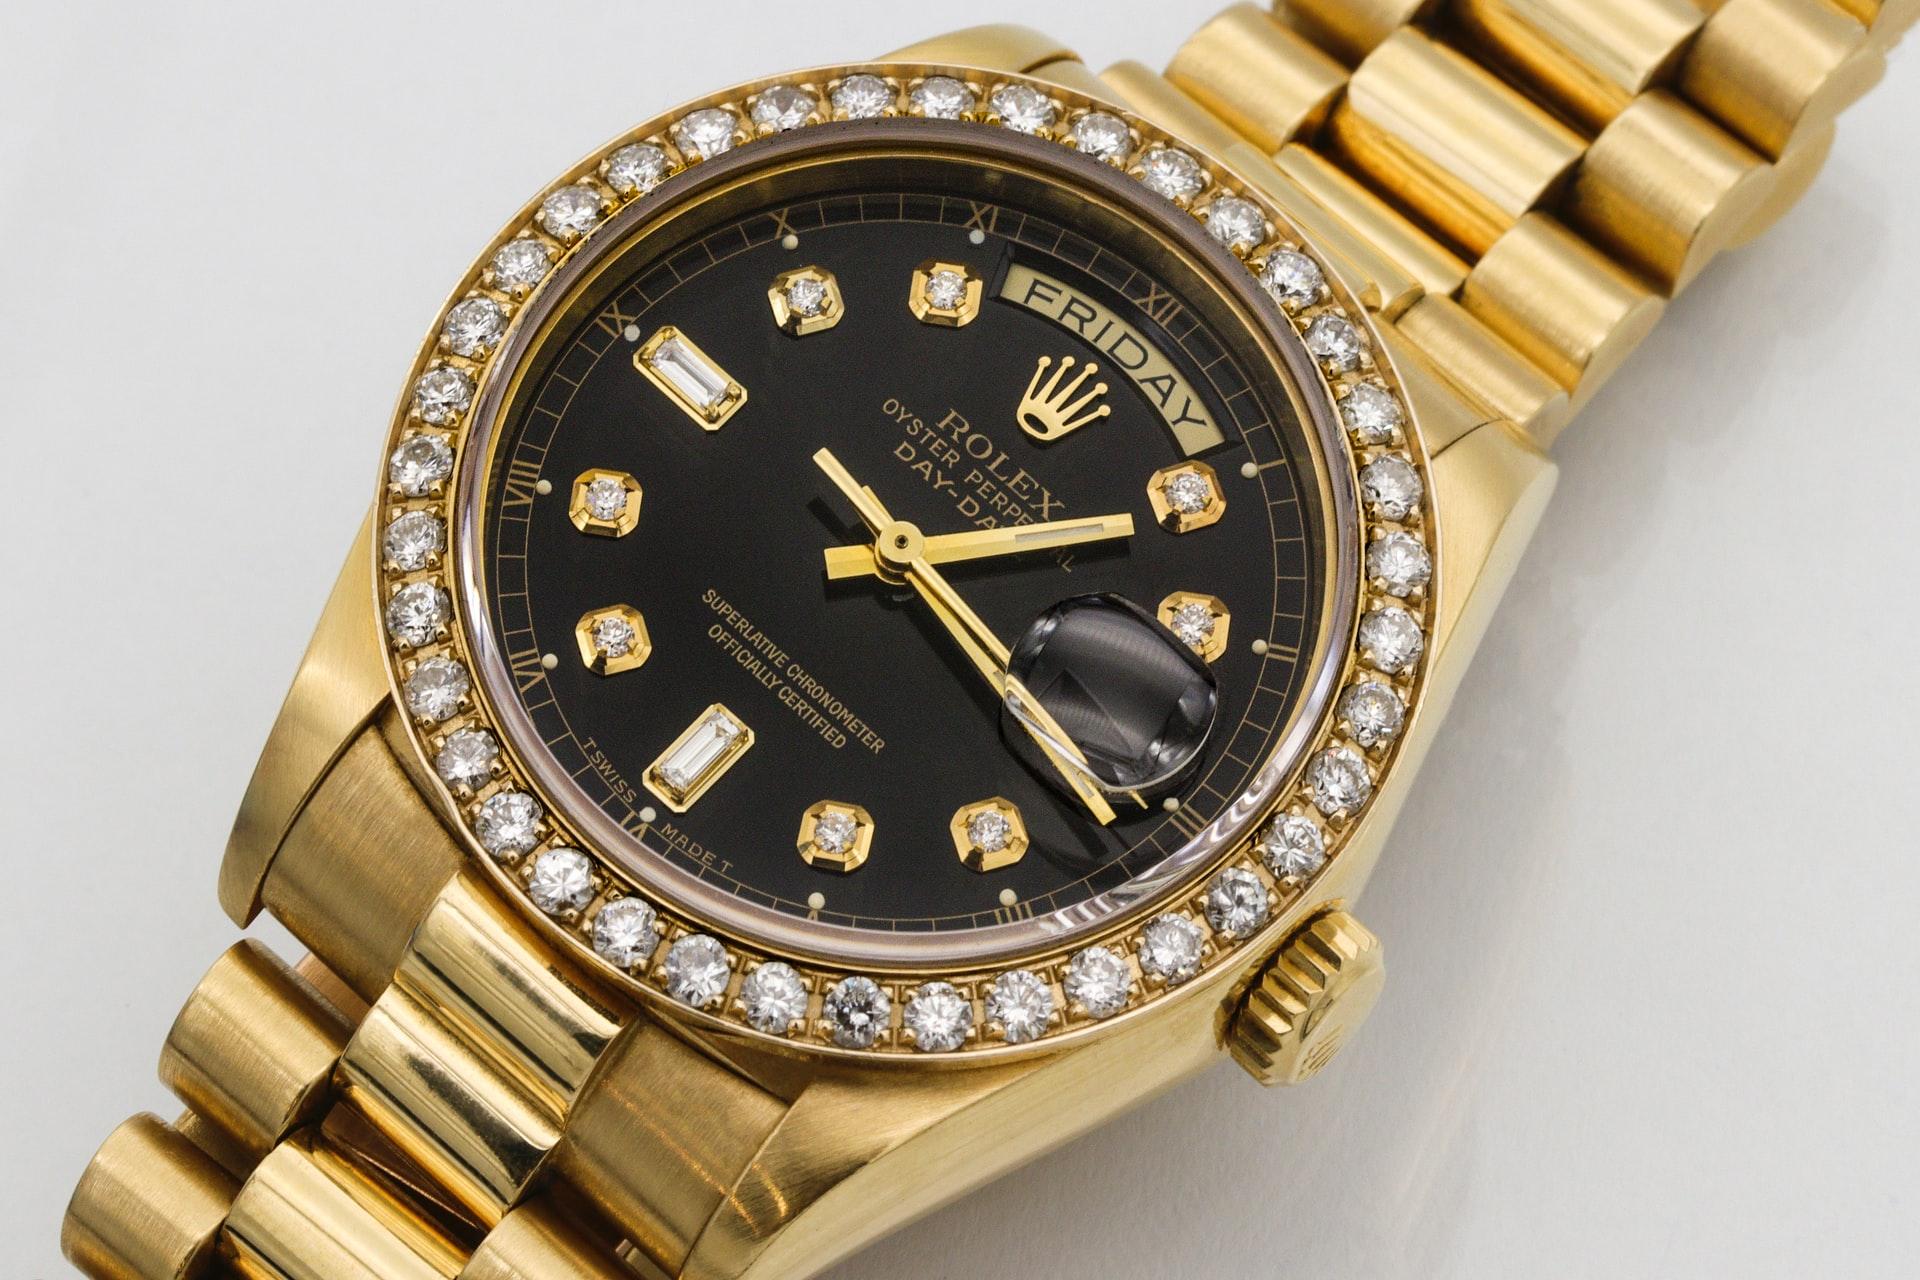 Kjøp kjente klokker på auksjon